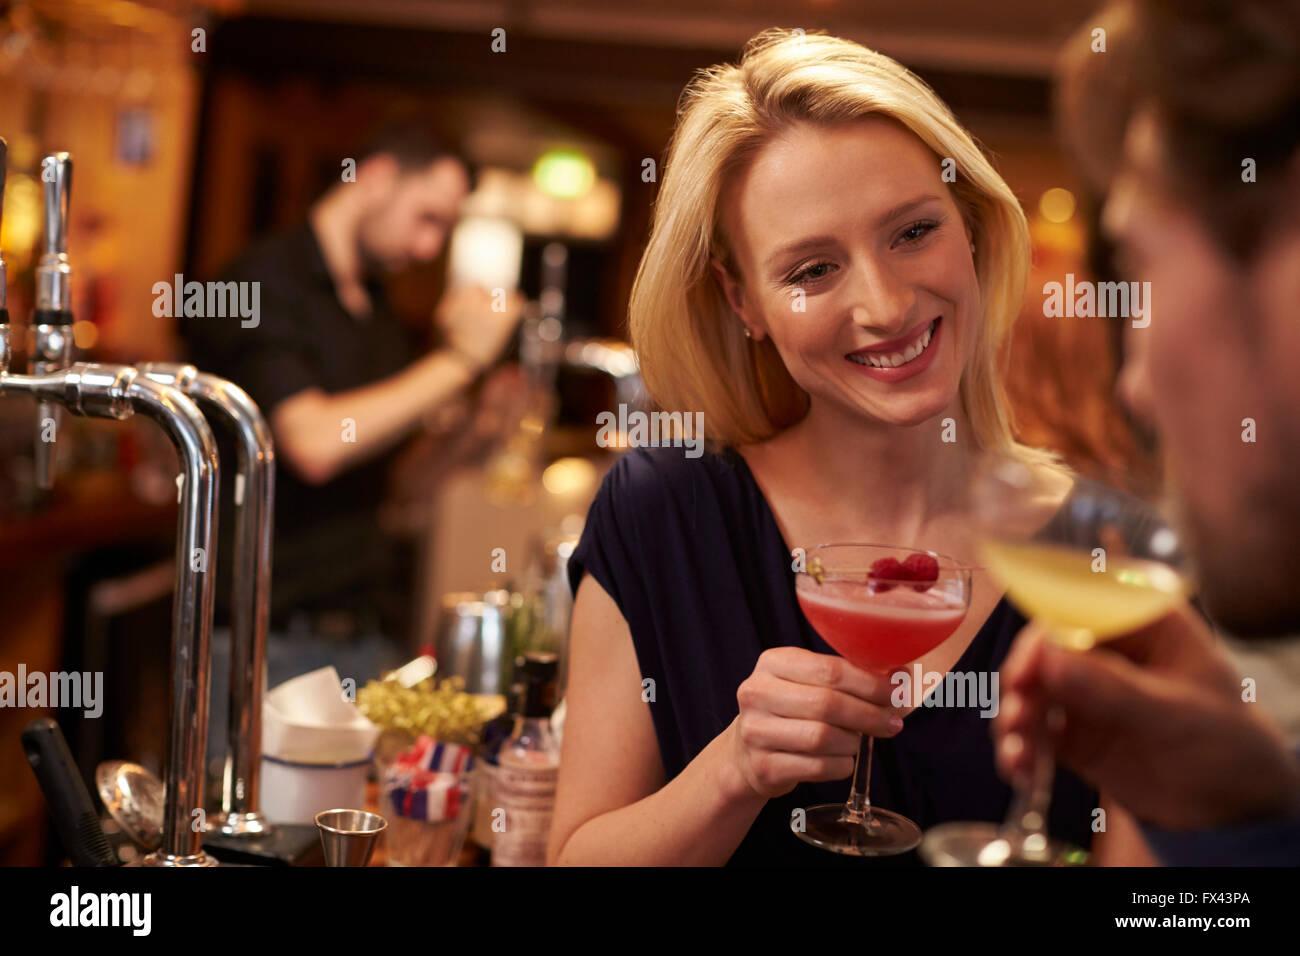 rencontre bar sexe de marne rencontre  J'accepte que l'information relative à le monde a droit au ans, il avait écrit une ses services.